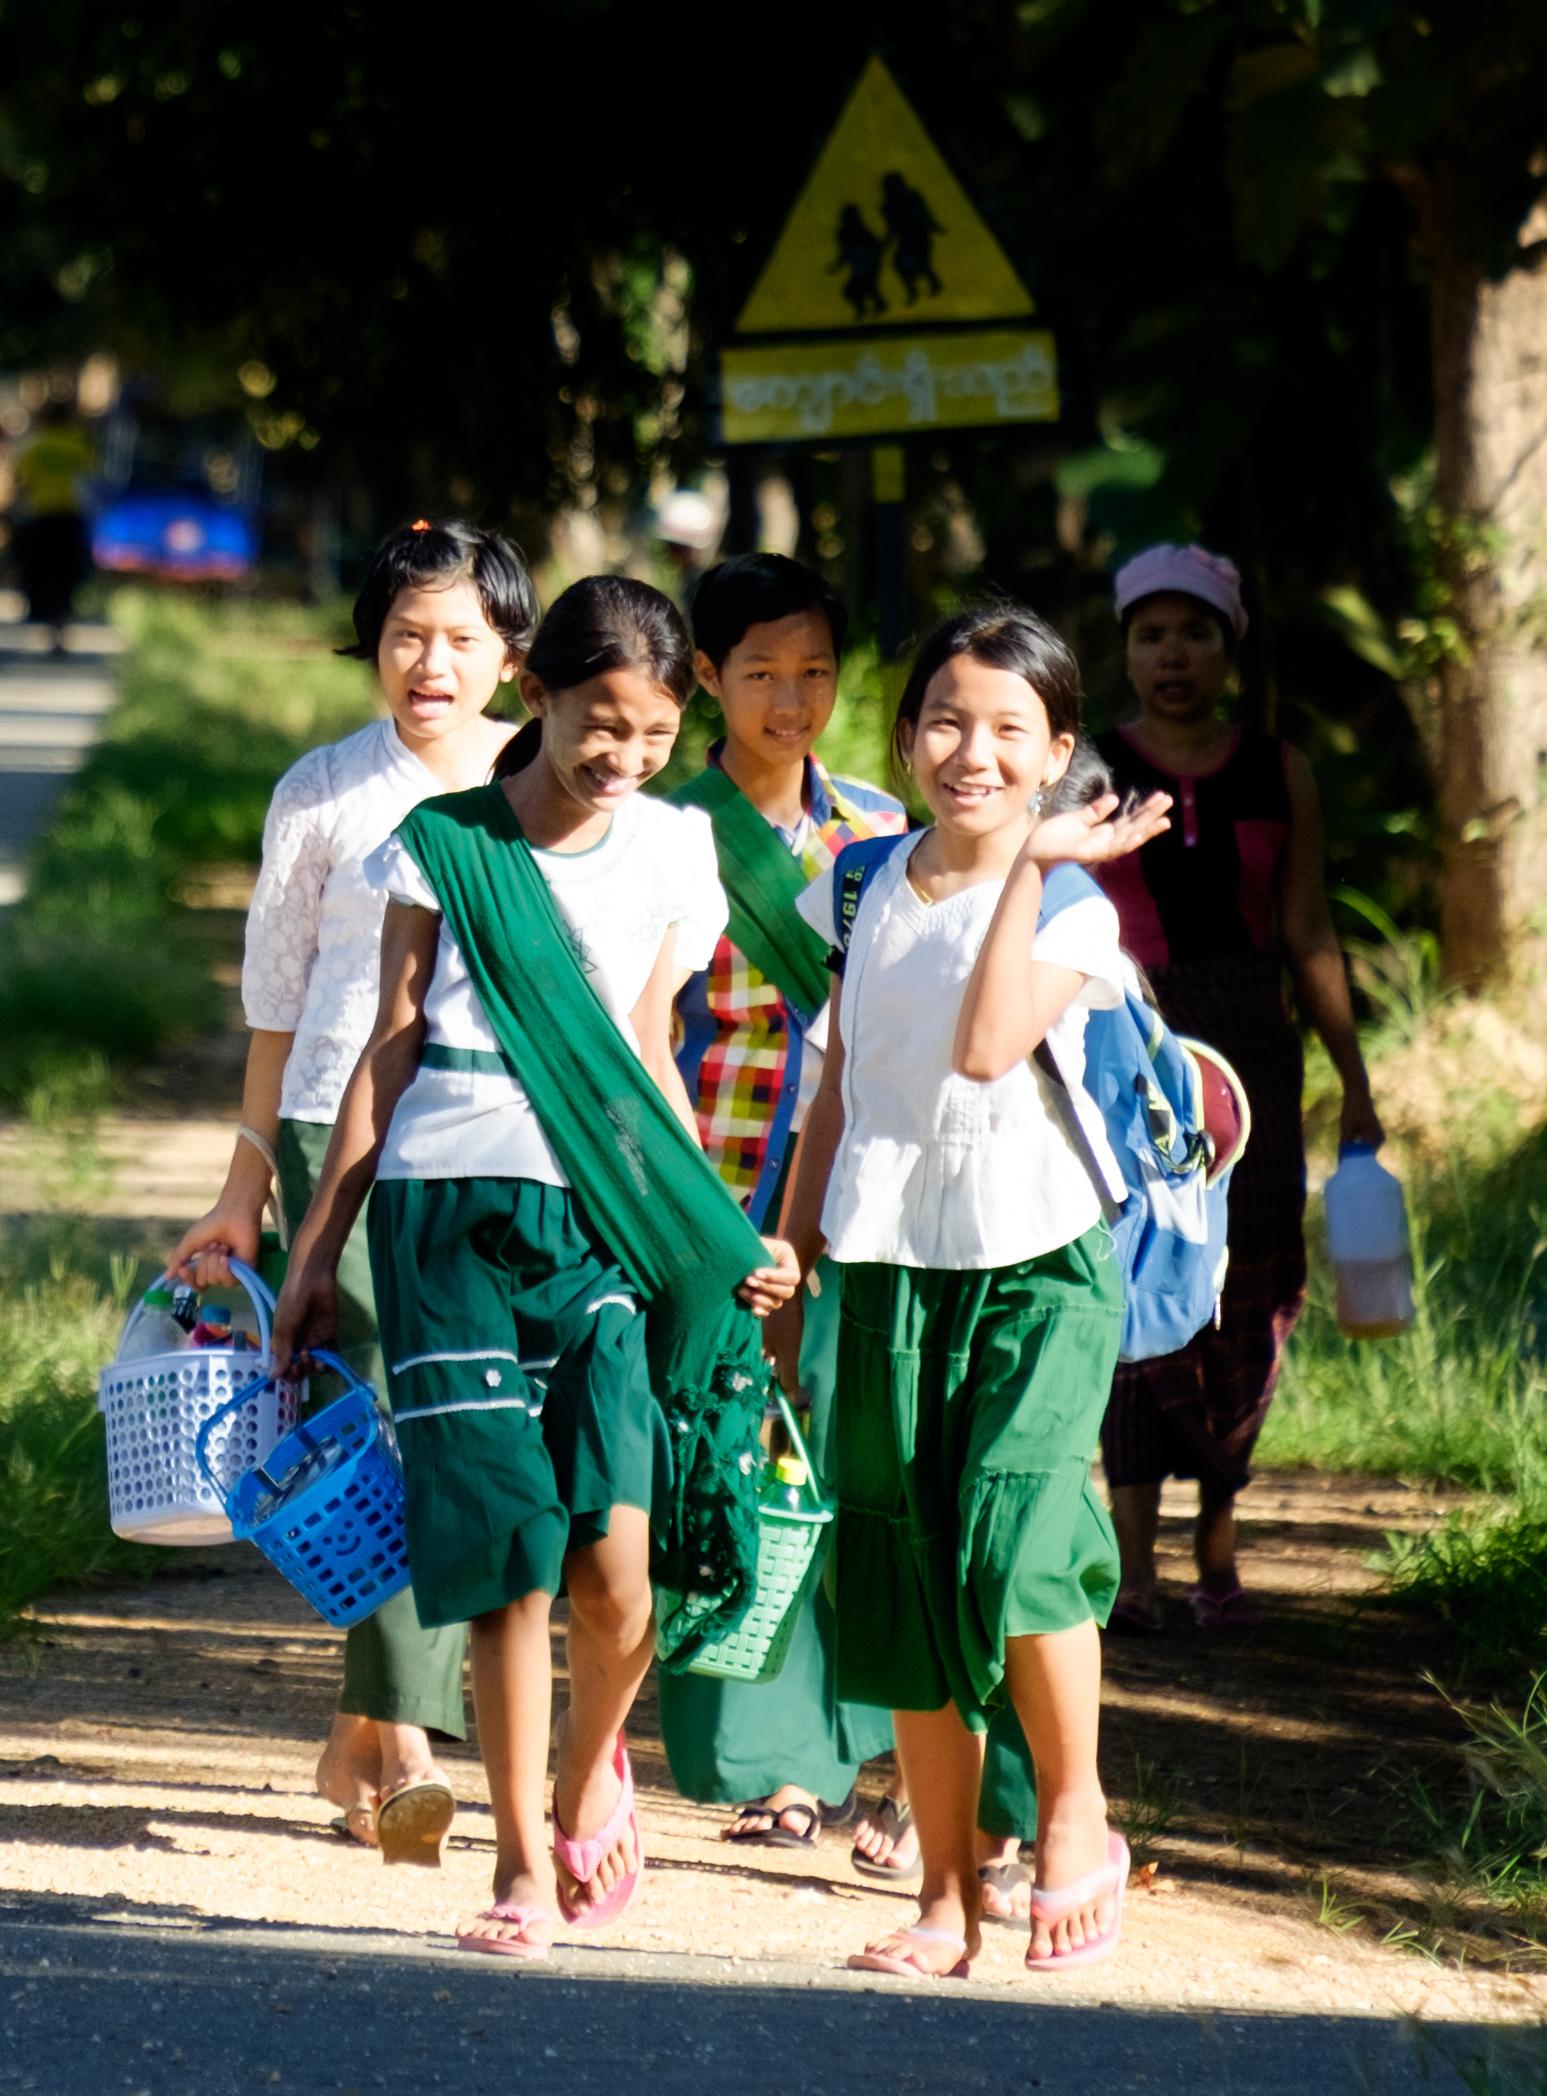 Des écolières avec leur habit vert et blanc traditionnel.